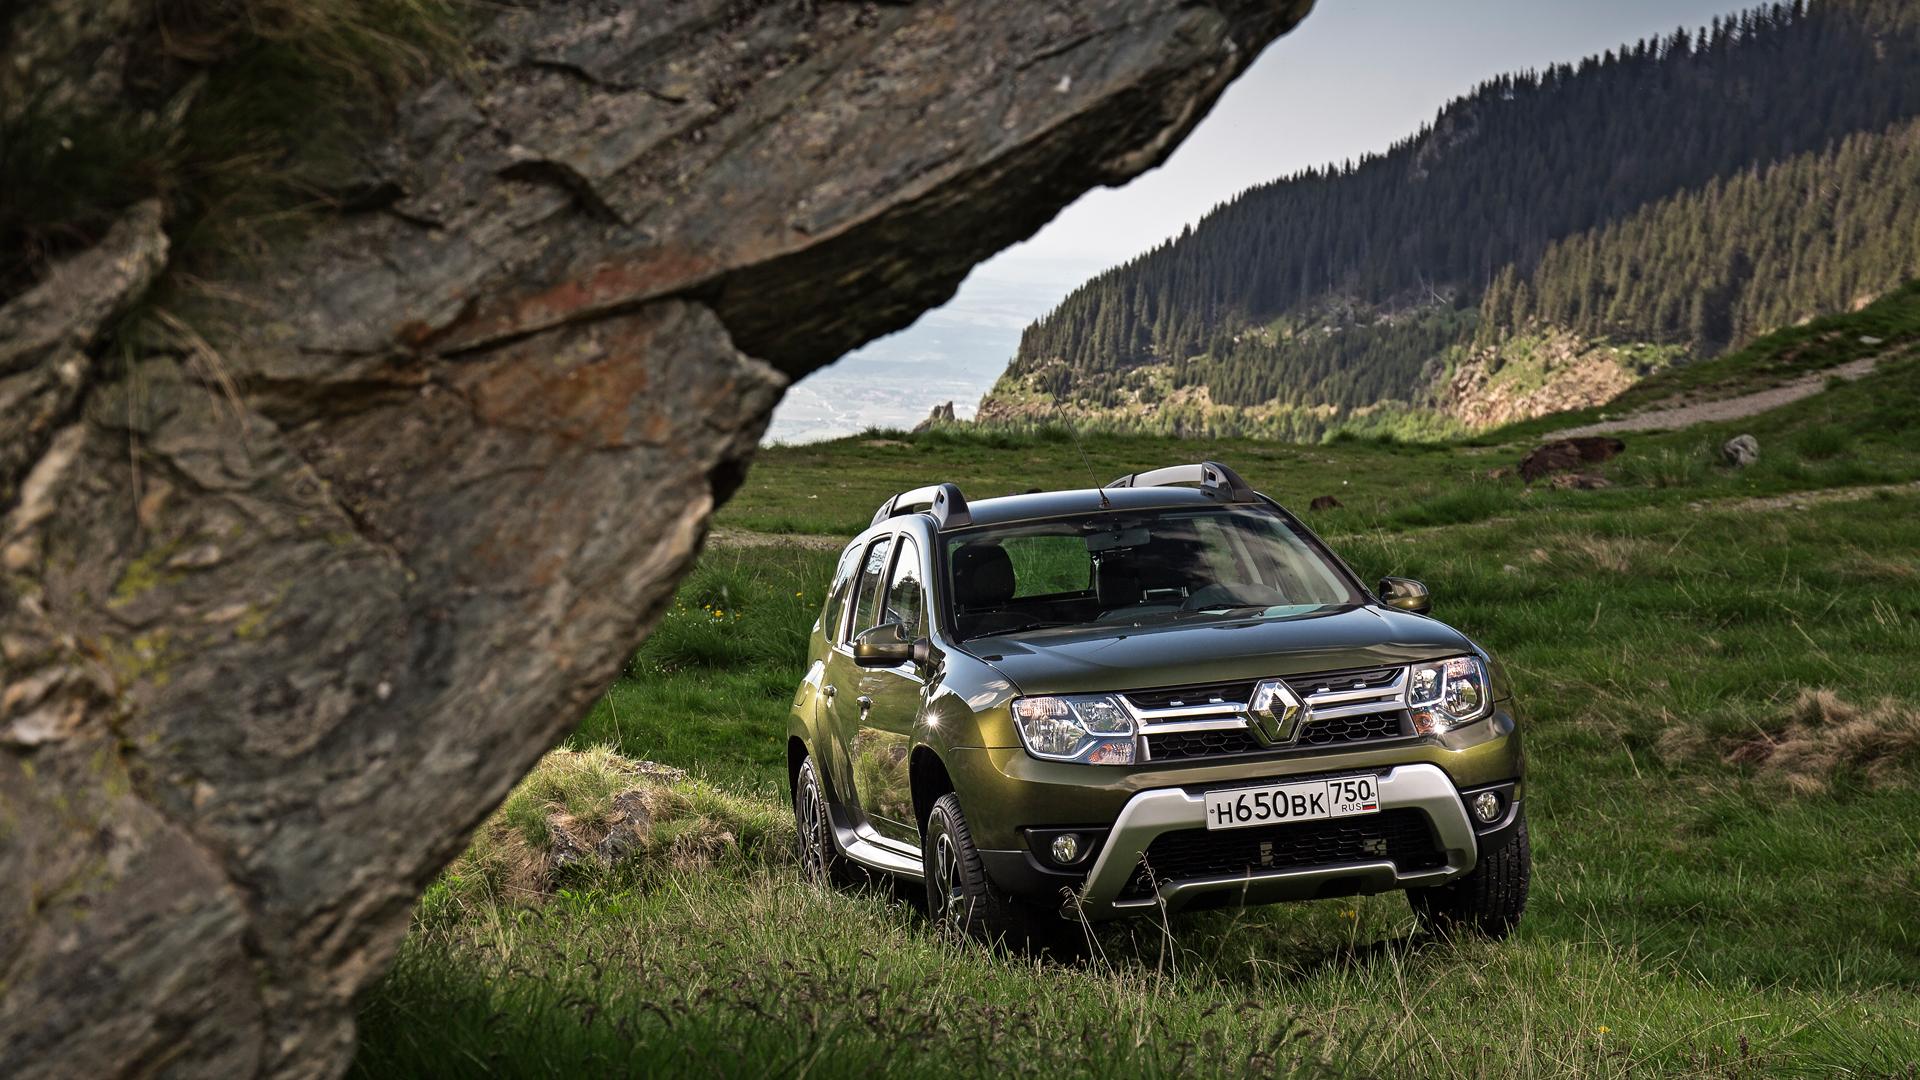 Знакомимся с обновленным Renault Duster, который изменился больше, чем кажется. Фото 4